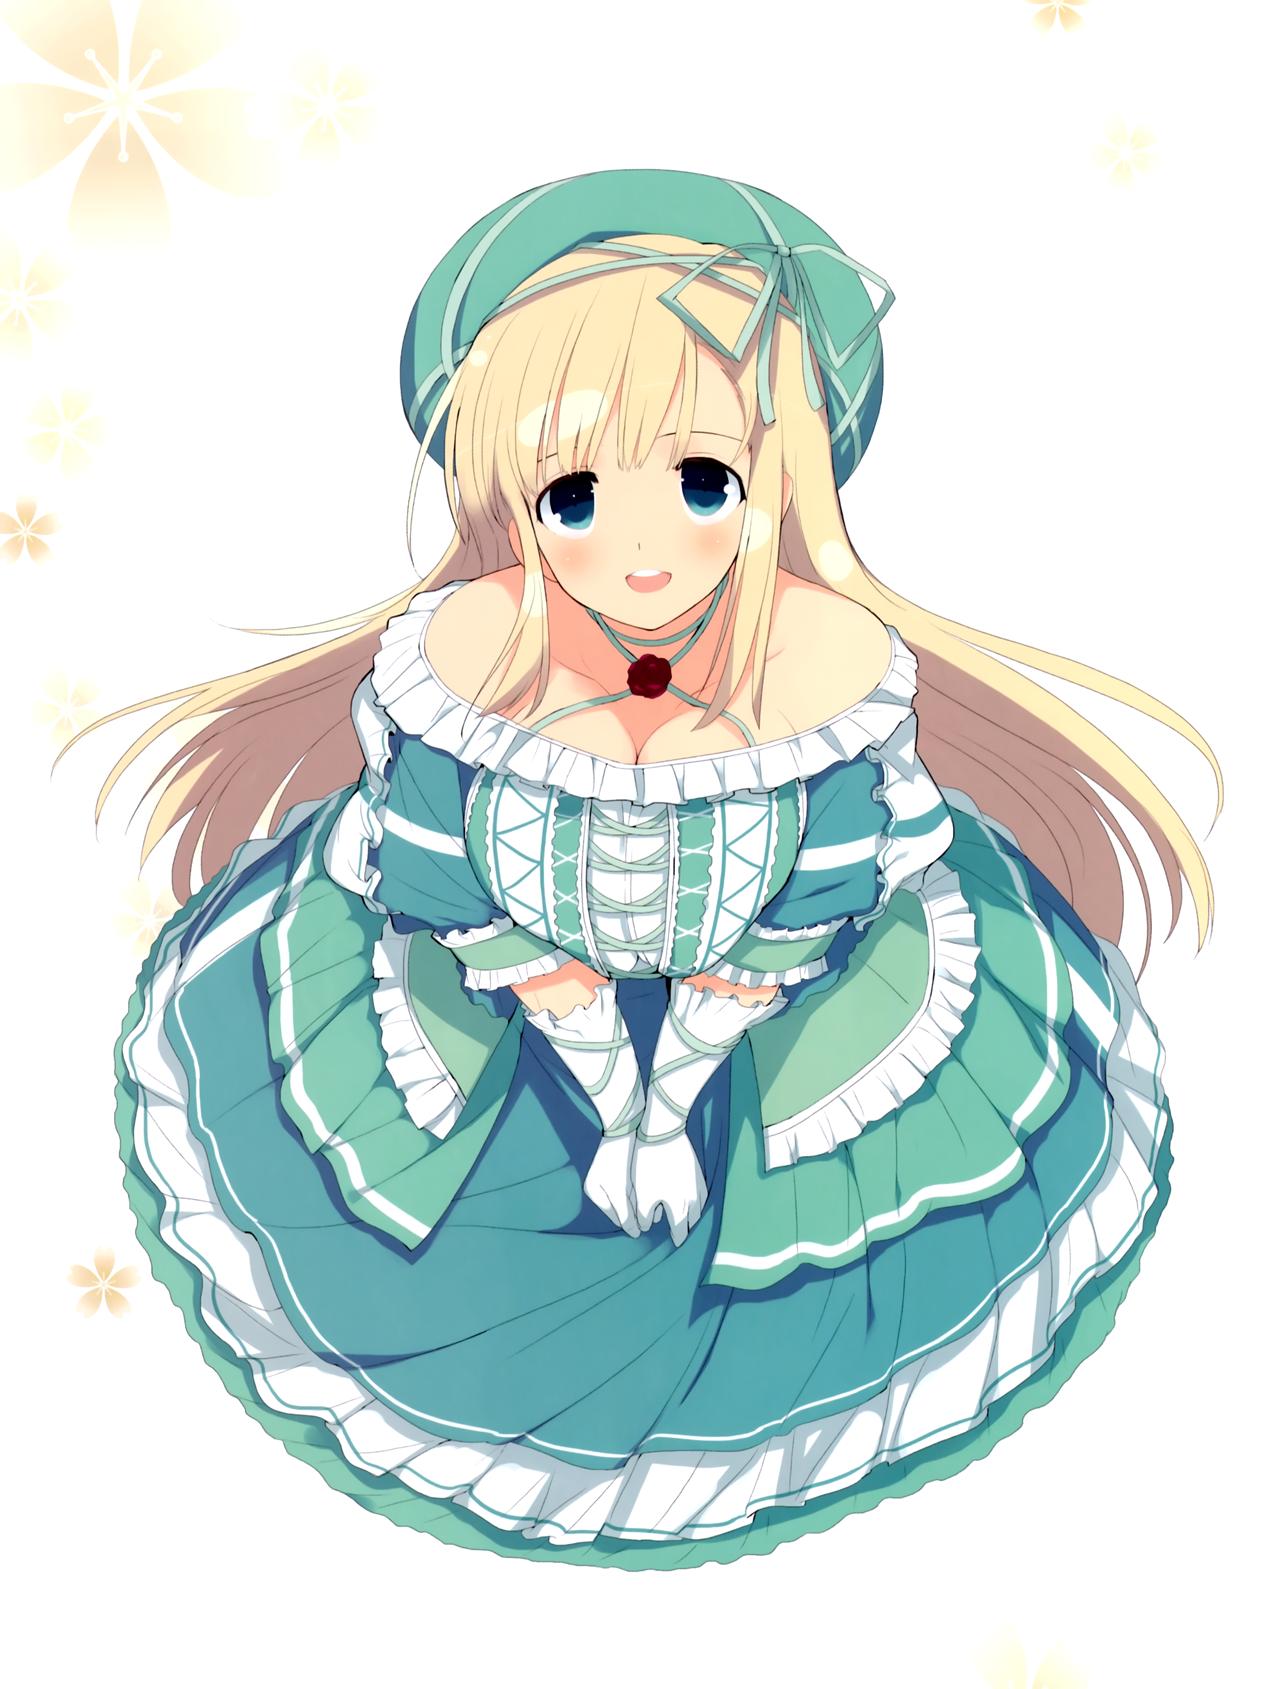 yande.re 362362 cleavage dress senran_kagura yaegashi_nan.png